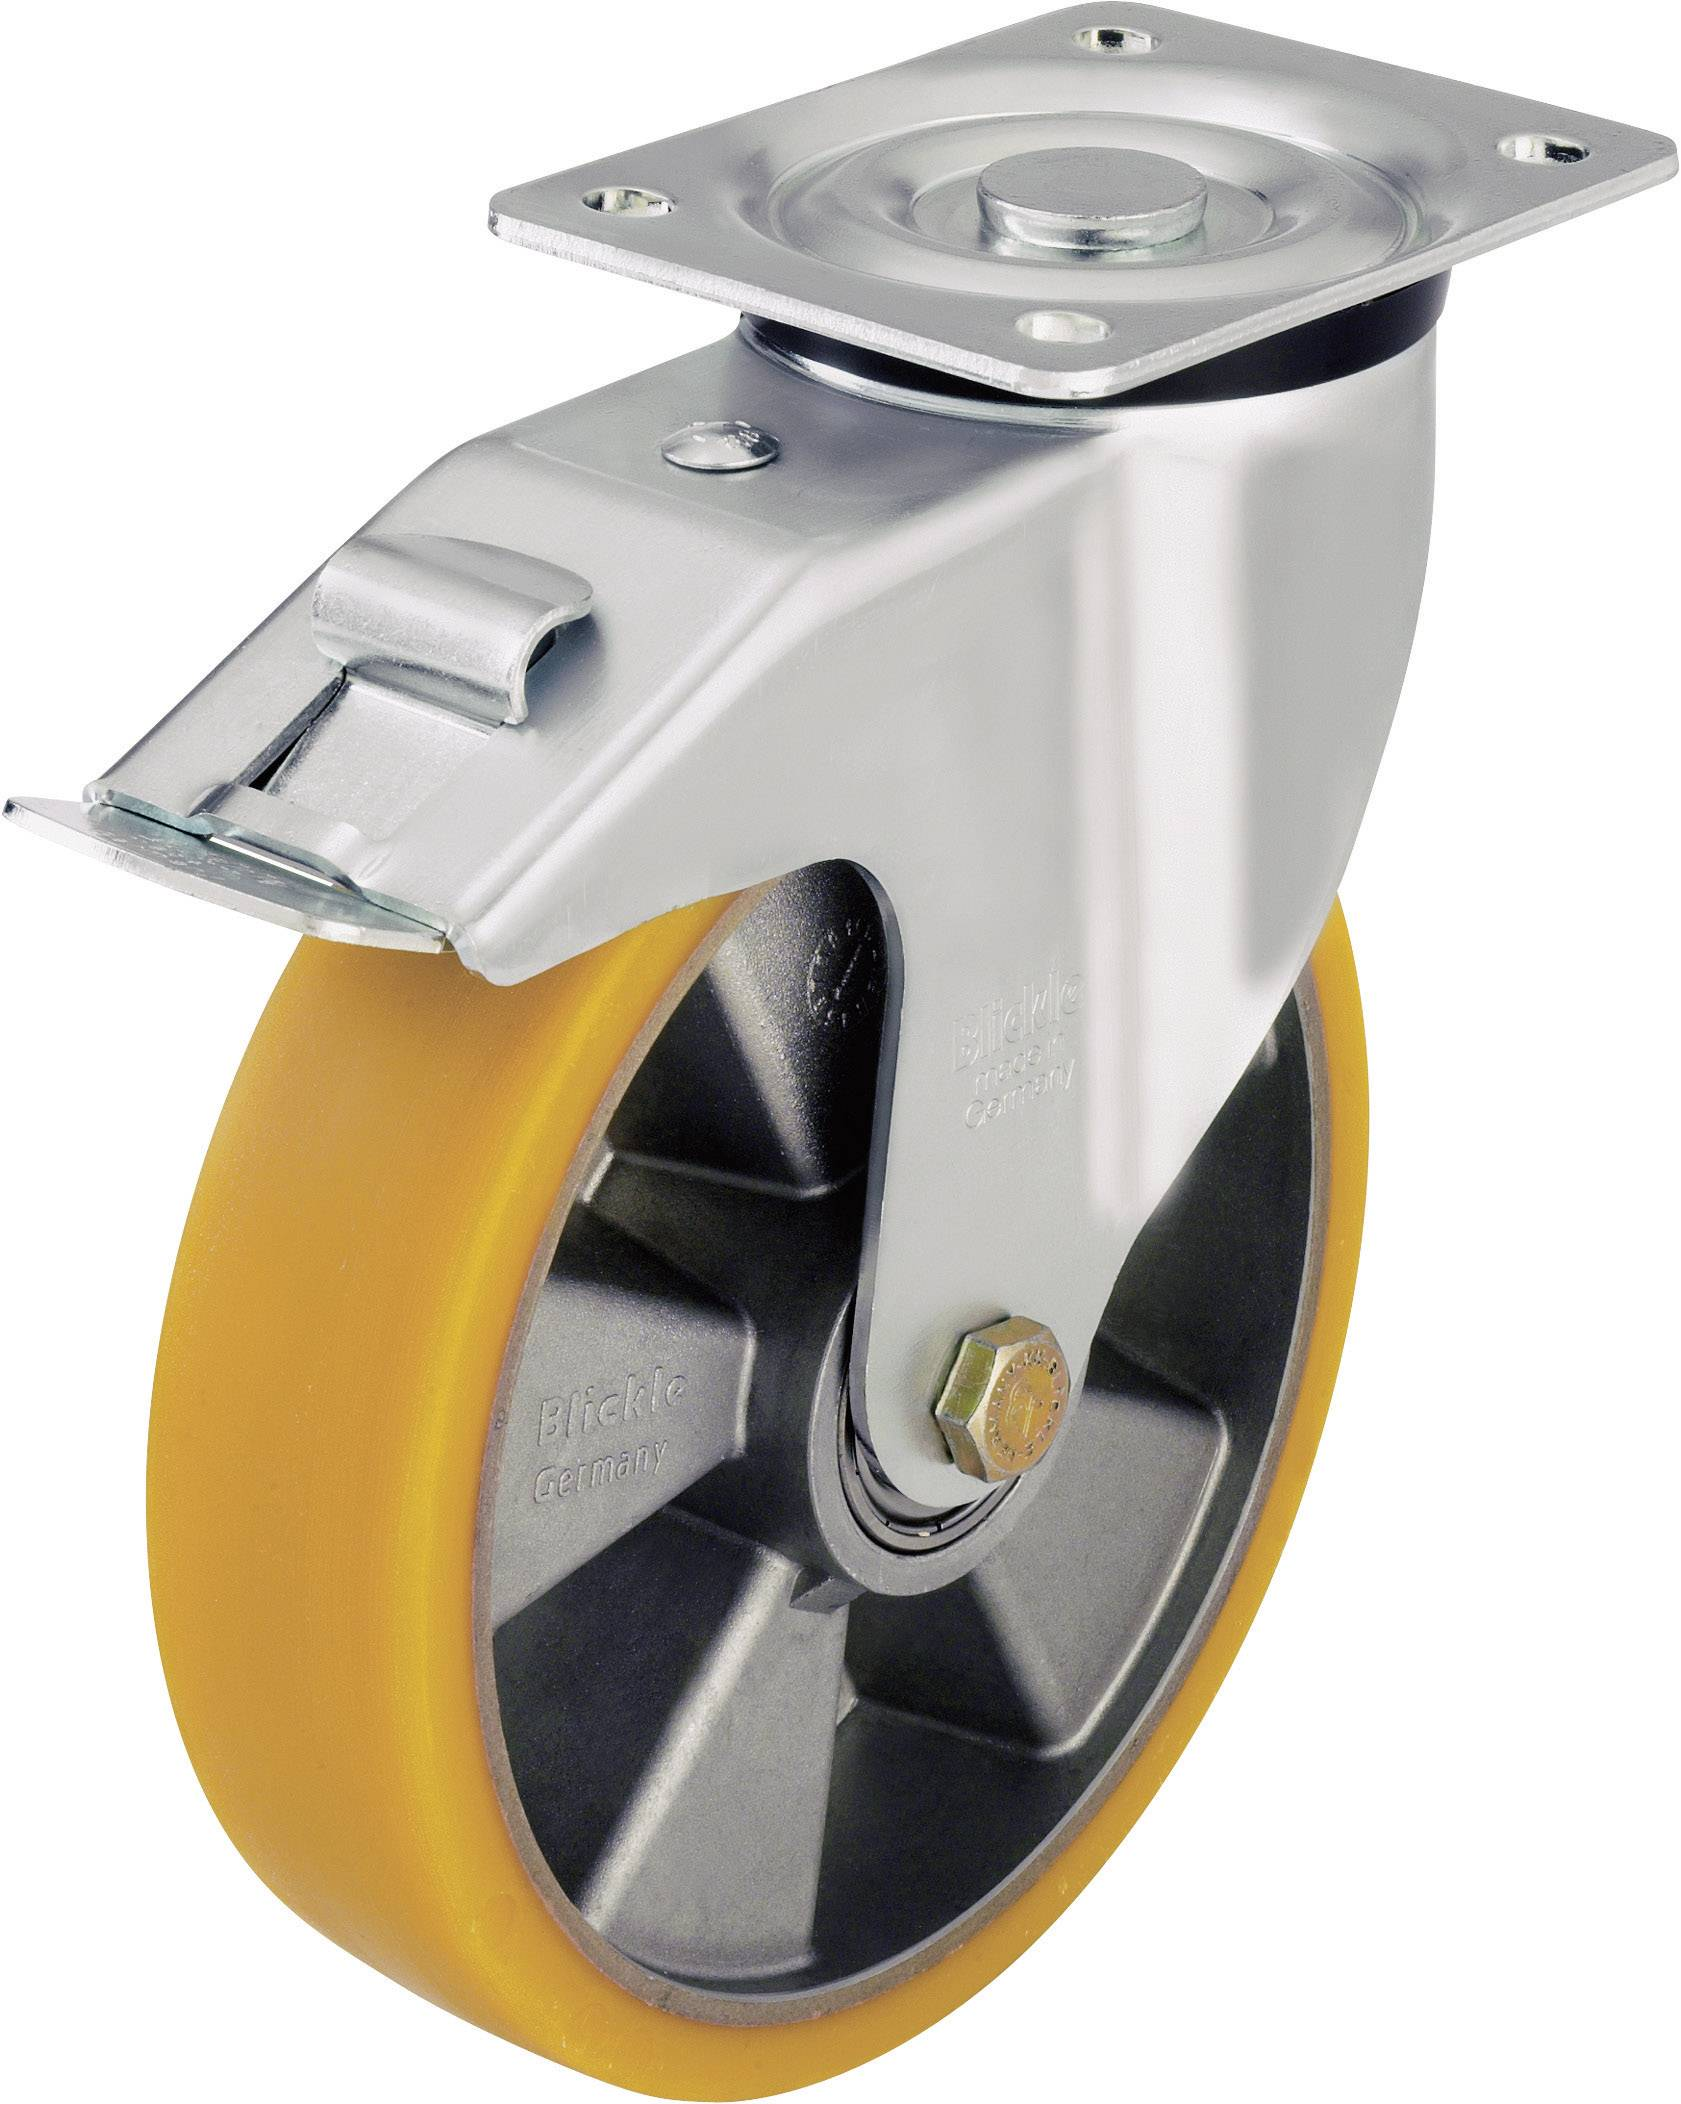 Otočné kolečko s konstrukční deskou a brzdou, Ø 125 mm, Blickle 419 796, L-ALTH